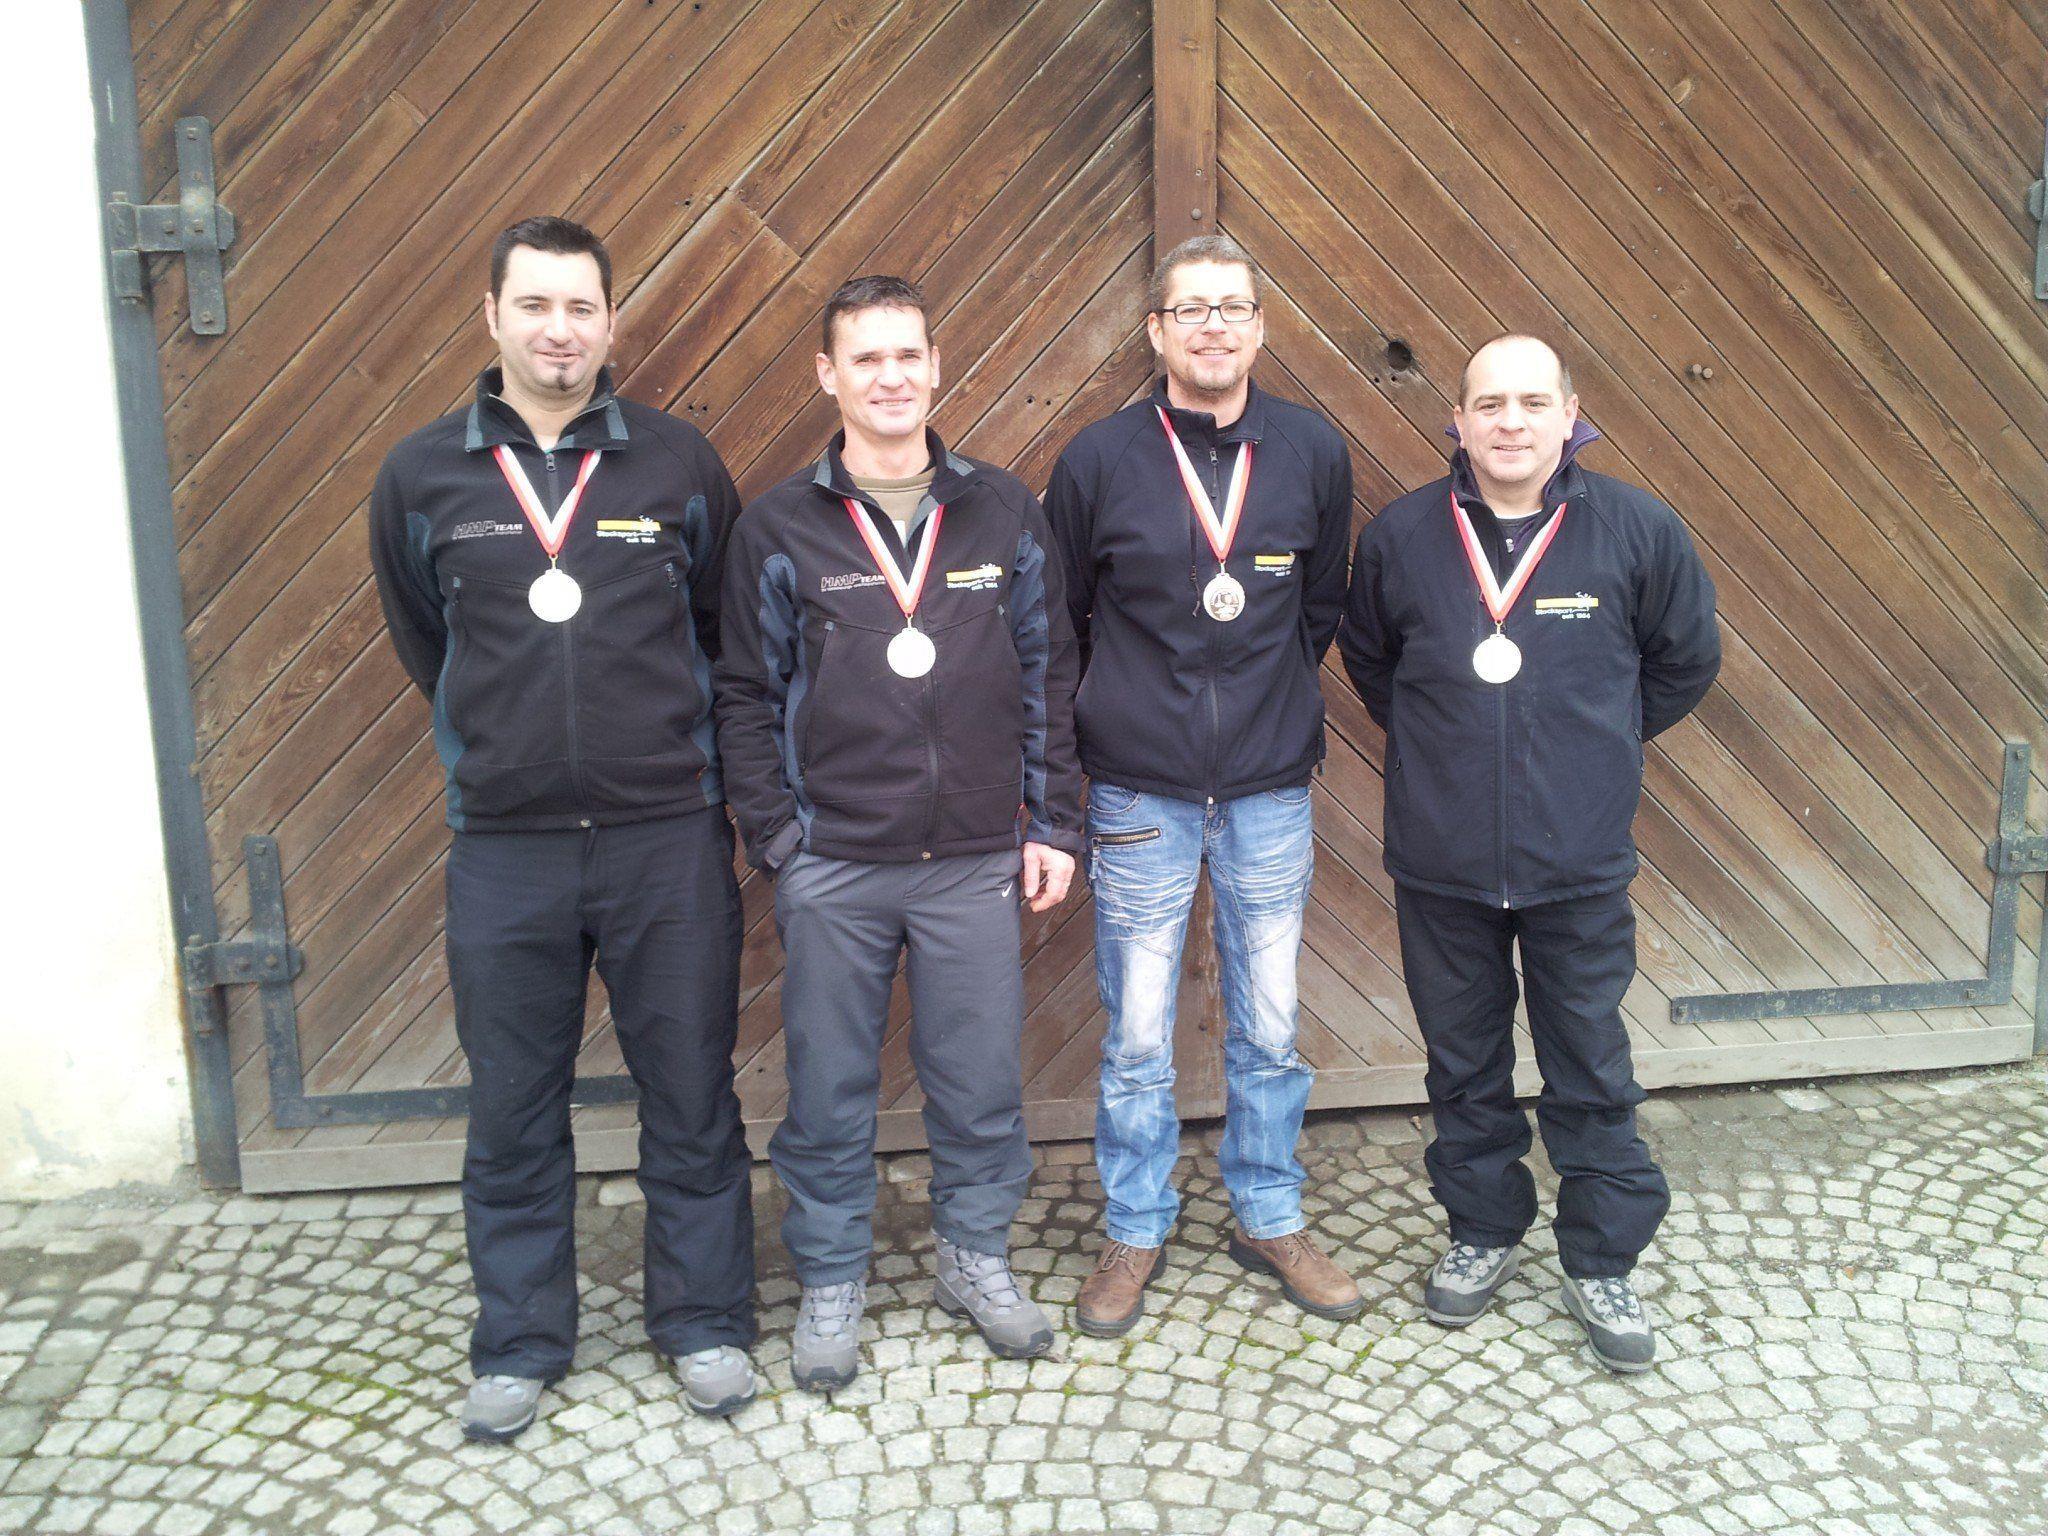 Das erfolgreiche Team: Robert Pienz, Harald Rüscher, Wolfgang Gorbach, Hannes Tscherner